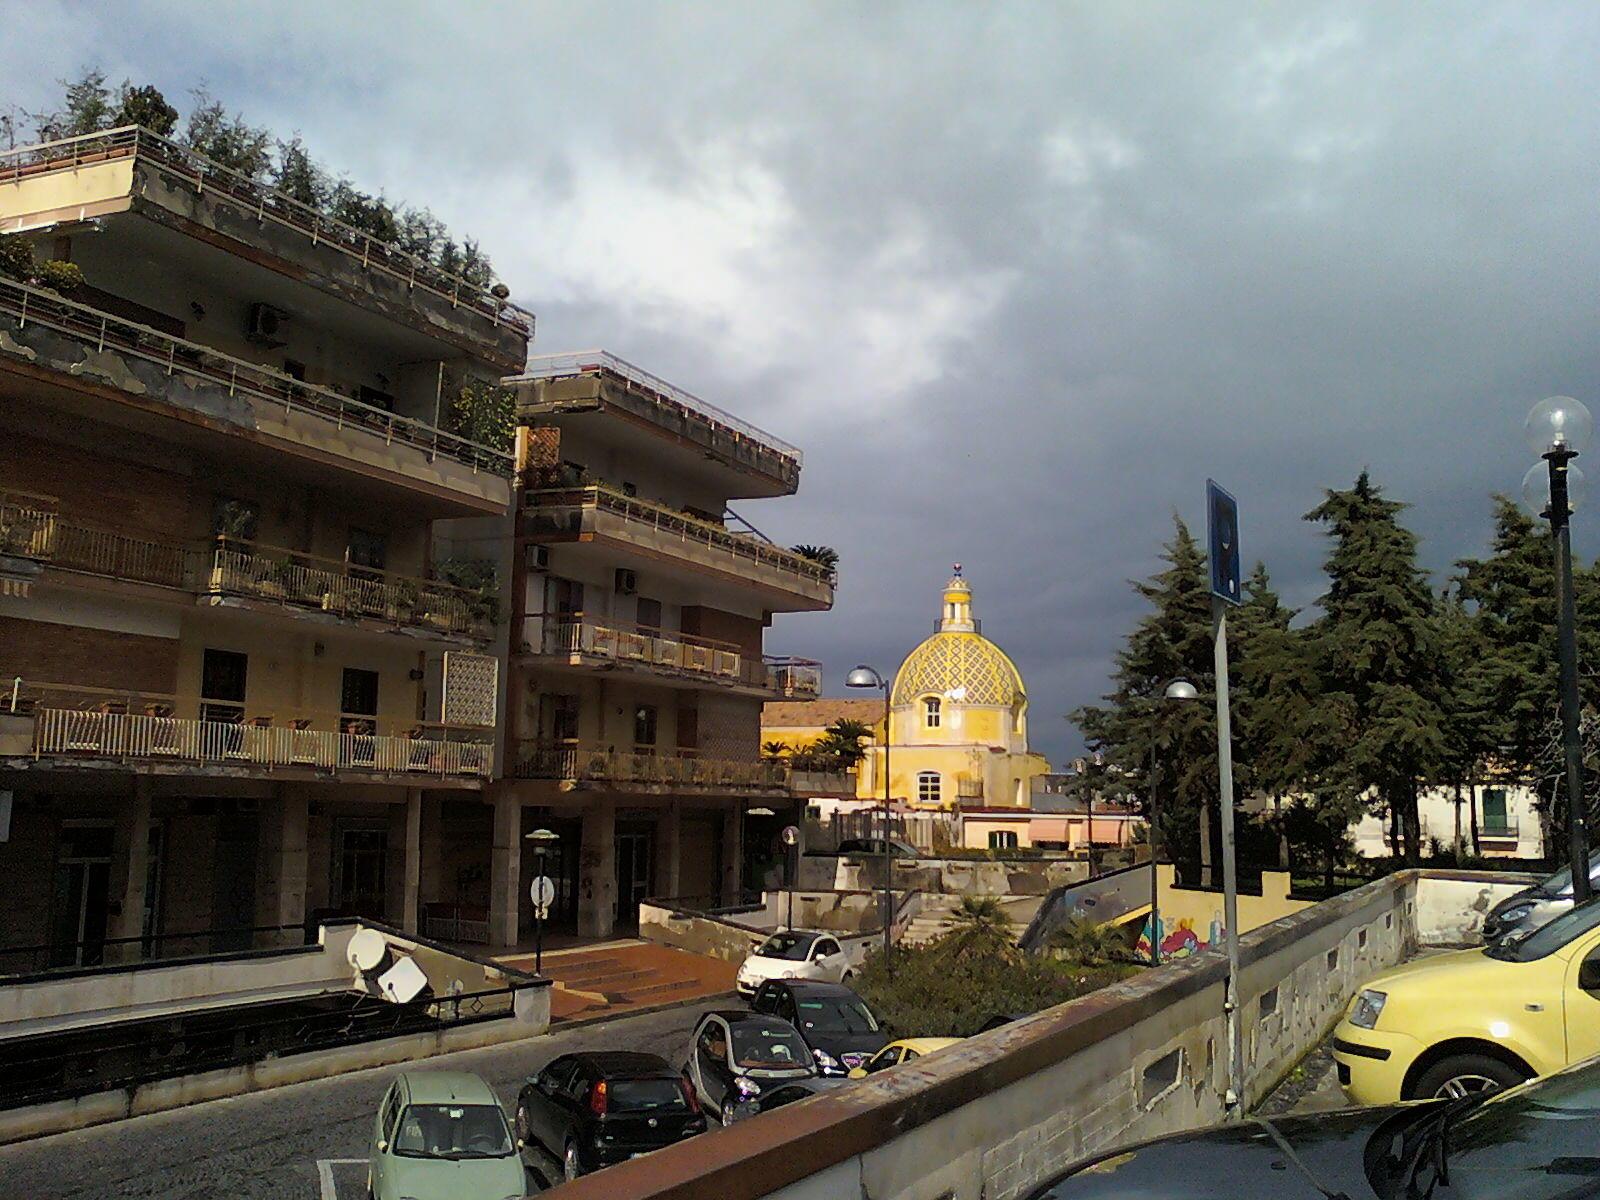 L'Escamotage Alfieri funziona a San Sebastiano al Vesuvio